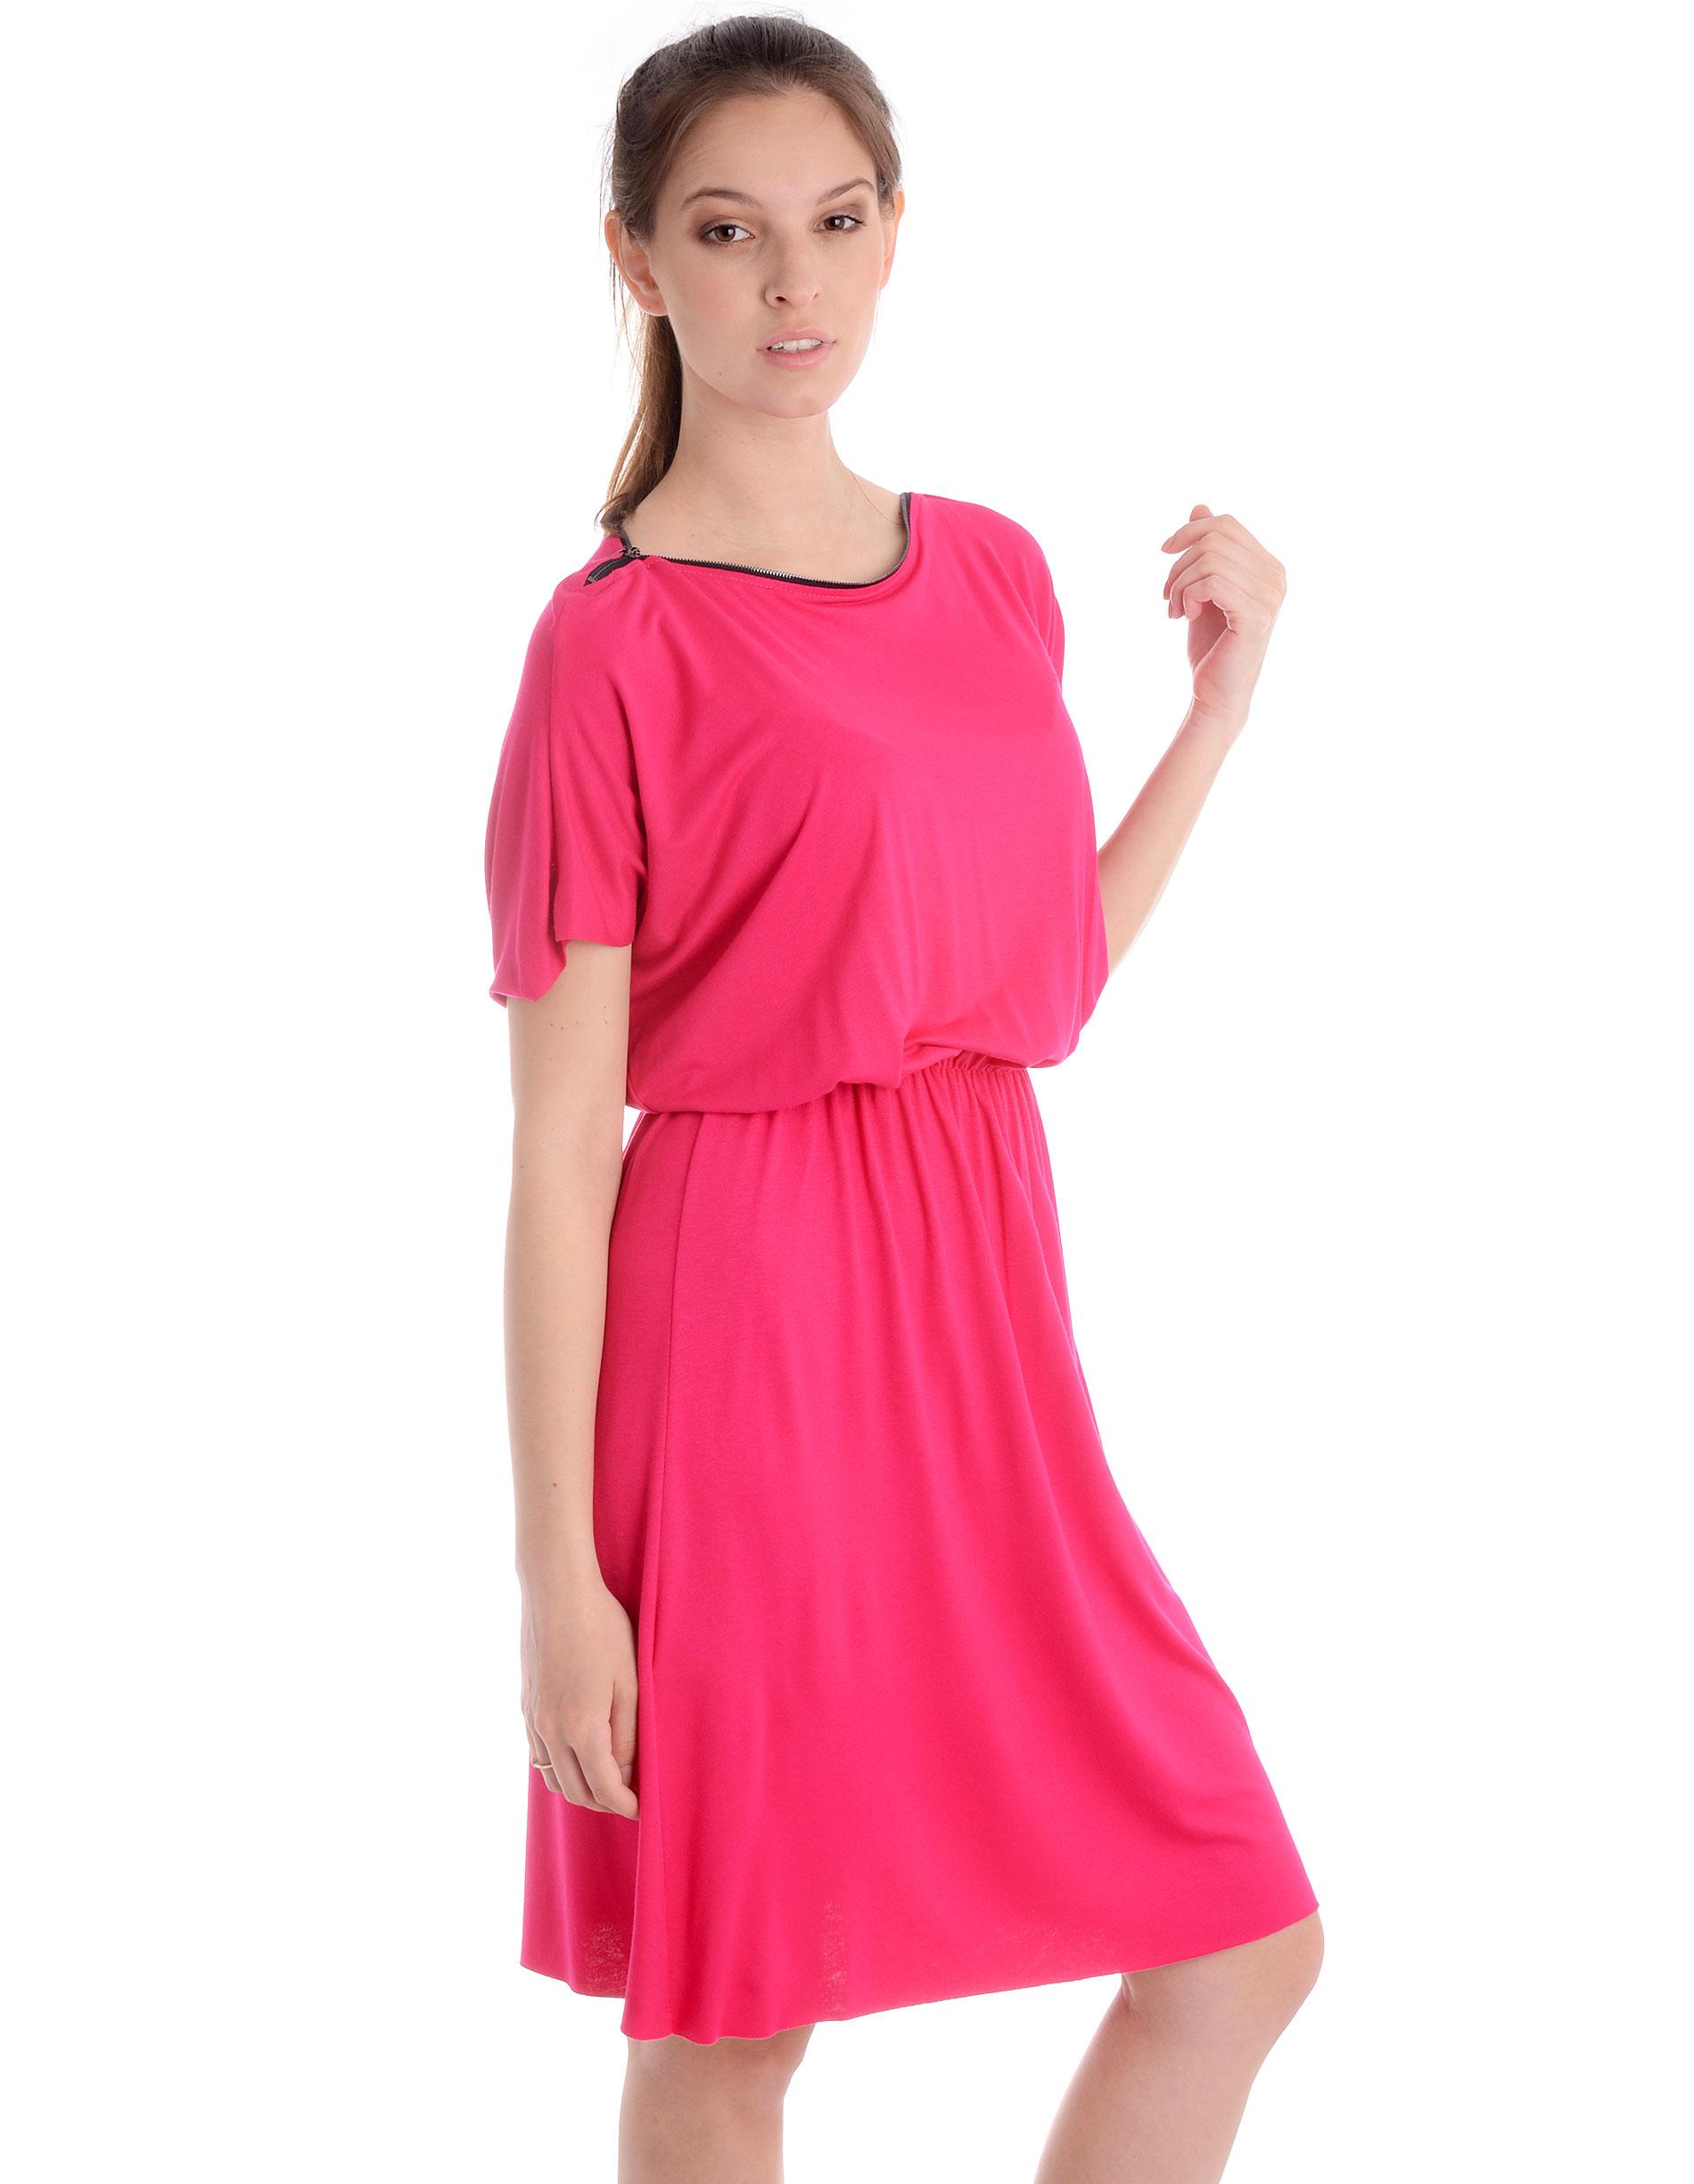 Sukienka - 30-86086 FUXI - Unisono